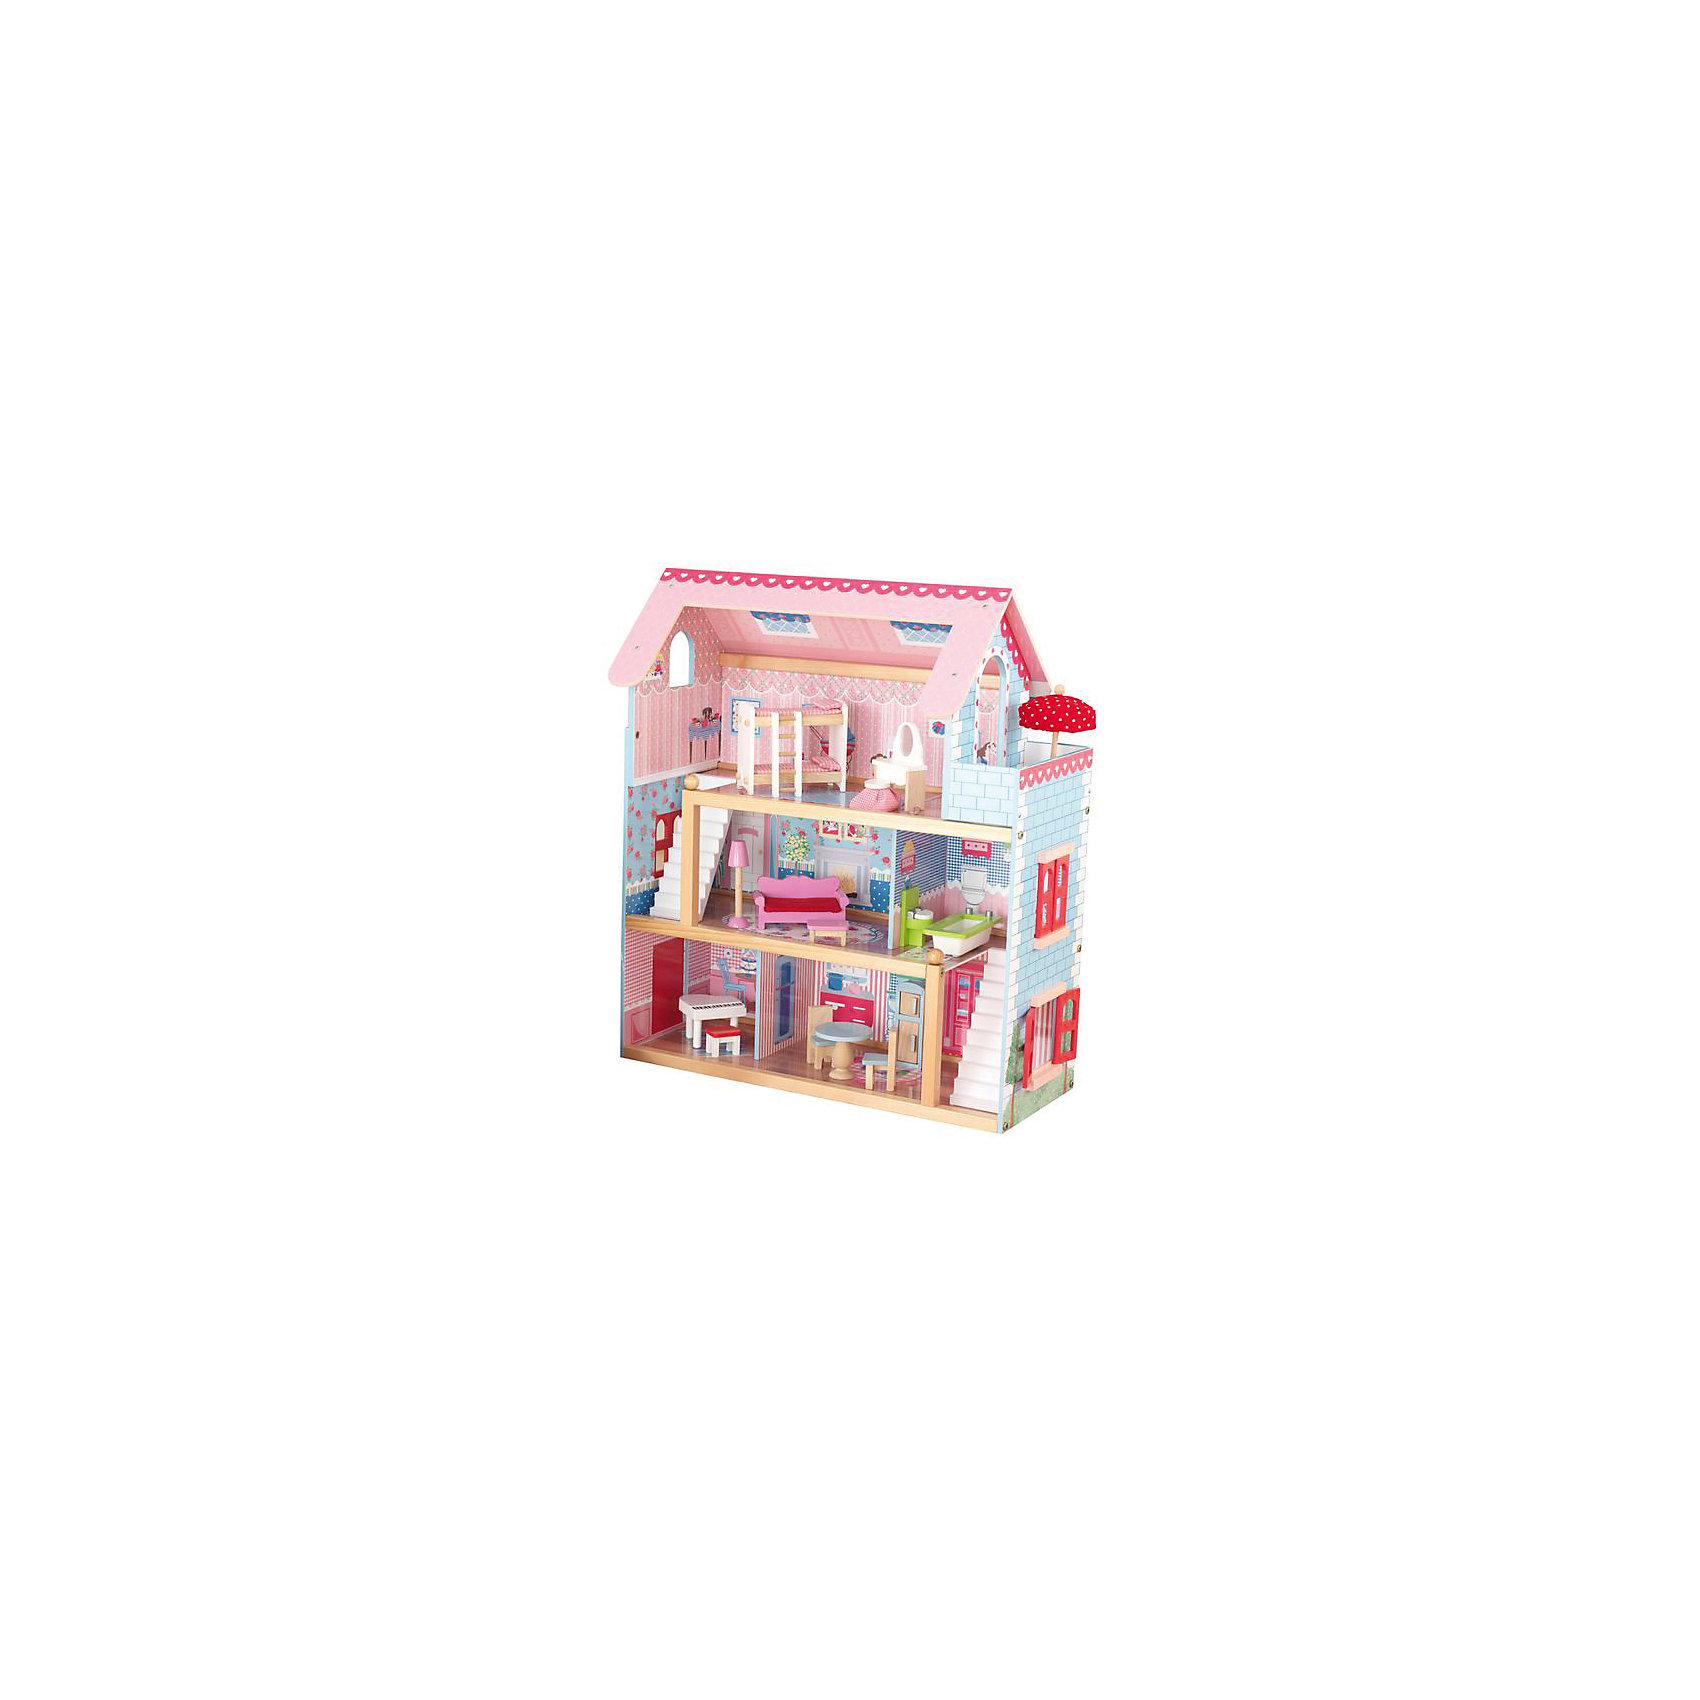 KidKraft Кукольный домик Открытый коттедж (Chelsea), с мебелью, 19 пр., KidKraft kidkraft кукольный домик кайли